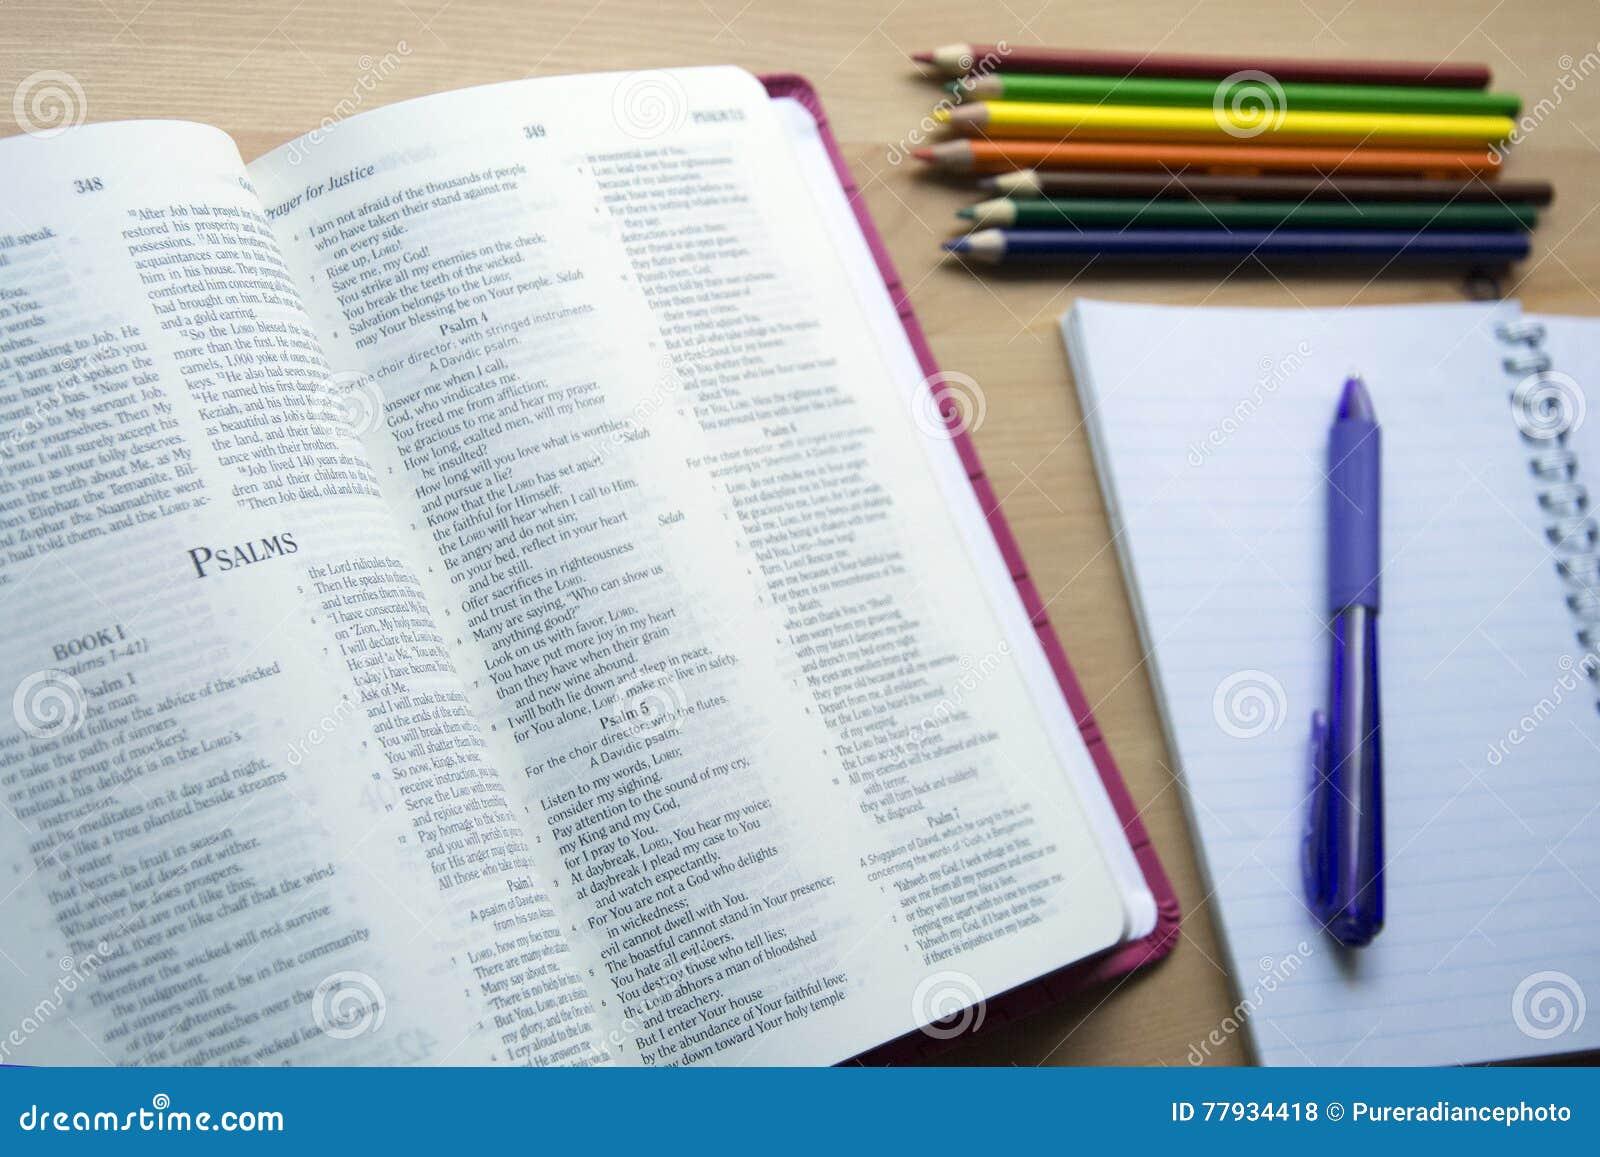 Étude de bible de psaumes avec le stylo